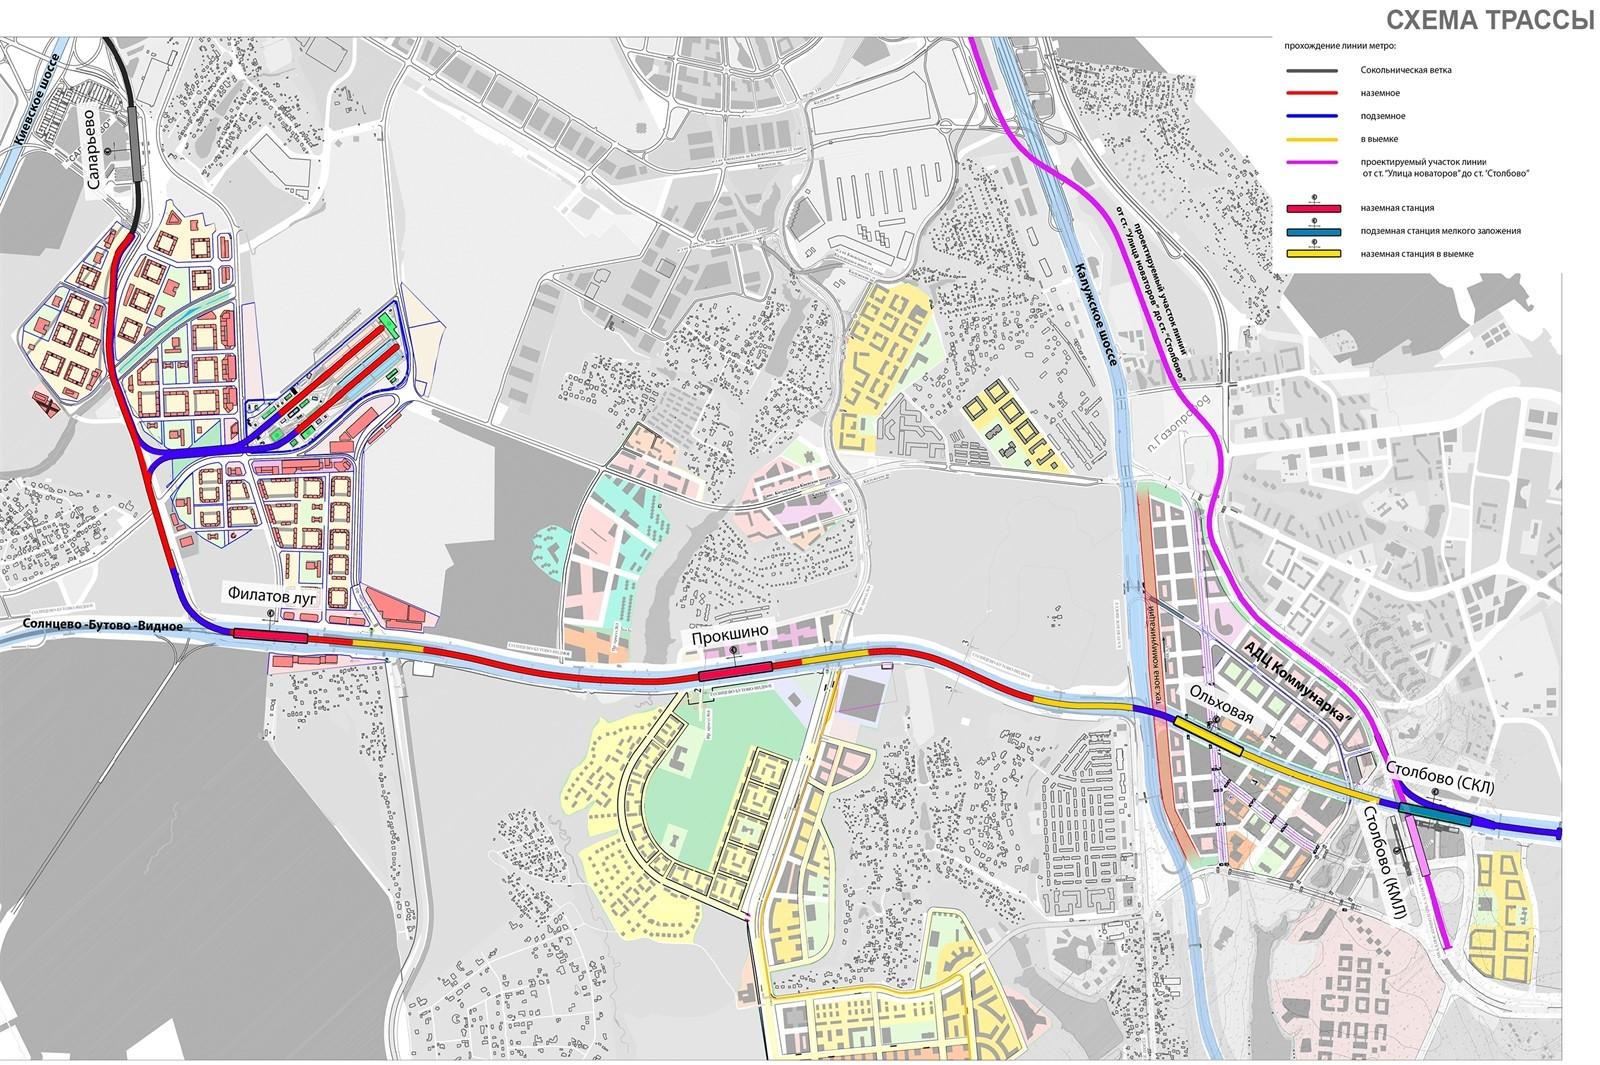 Участок метро до «Столбово» начнут строить в ближайшие месяцы